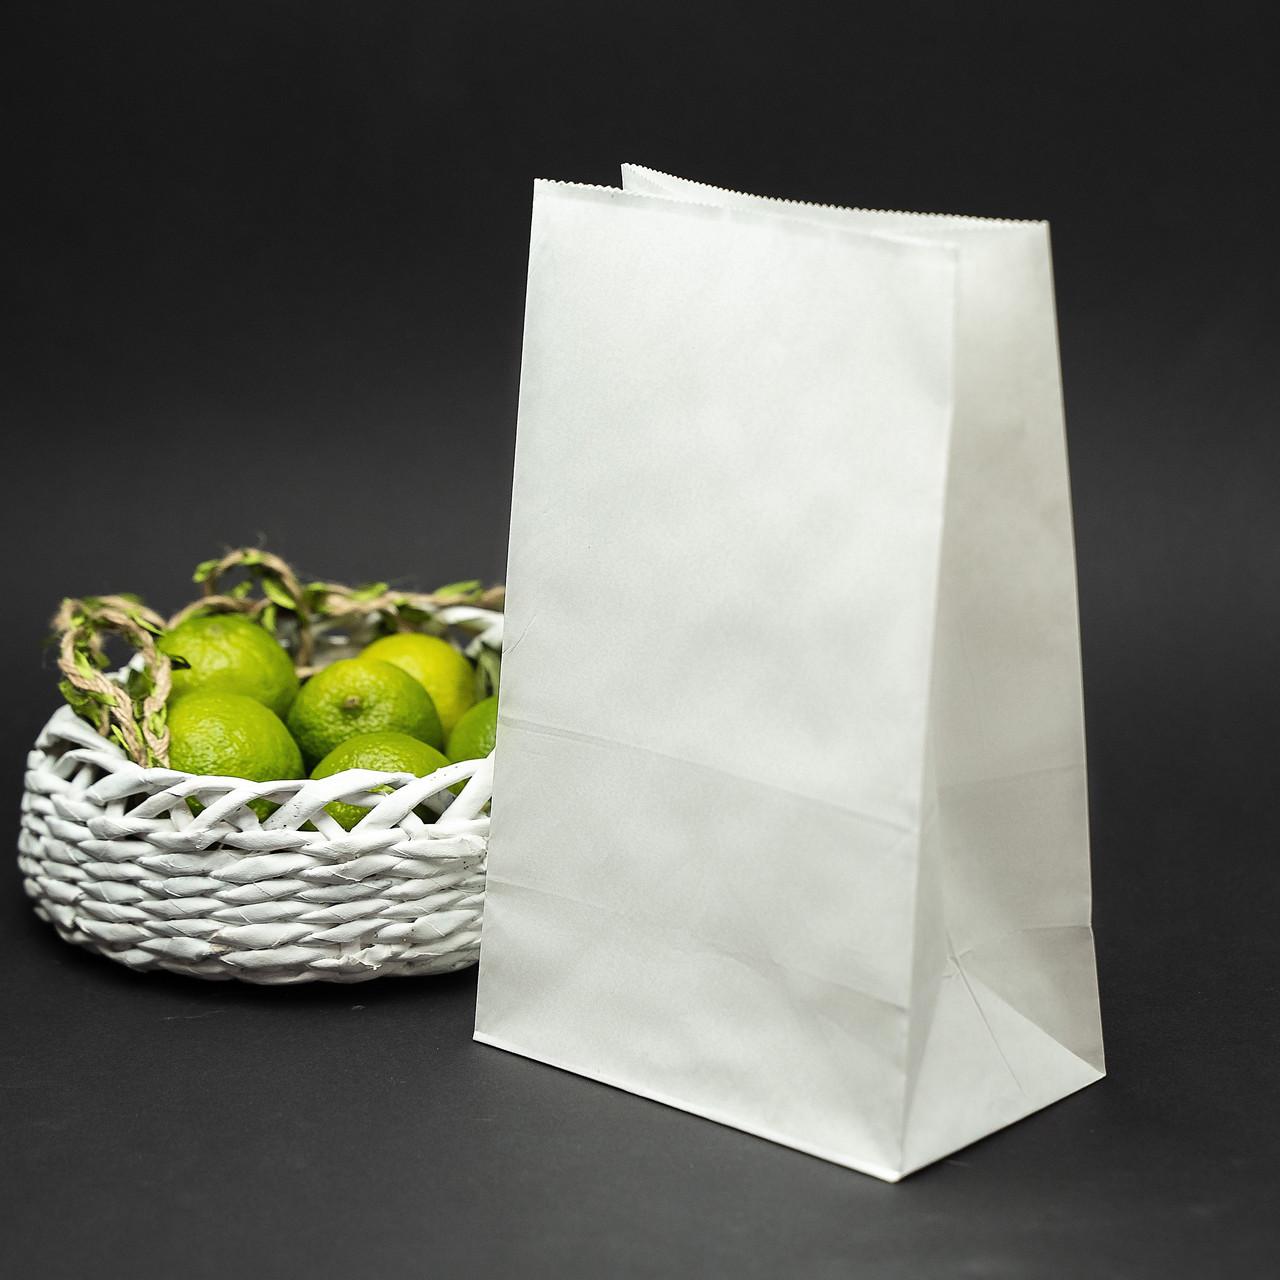 Пакет паперовий білий 150*90*240 мм з плоским дном упаковочний